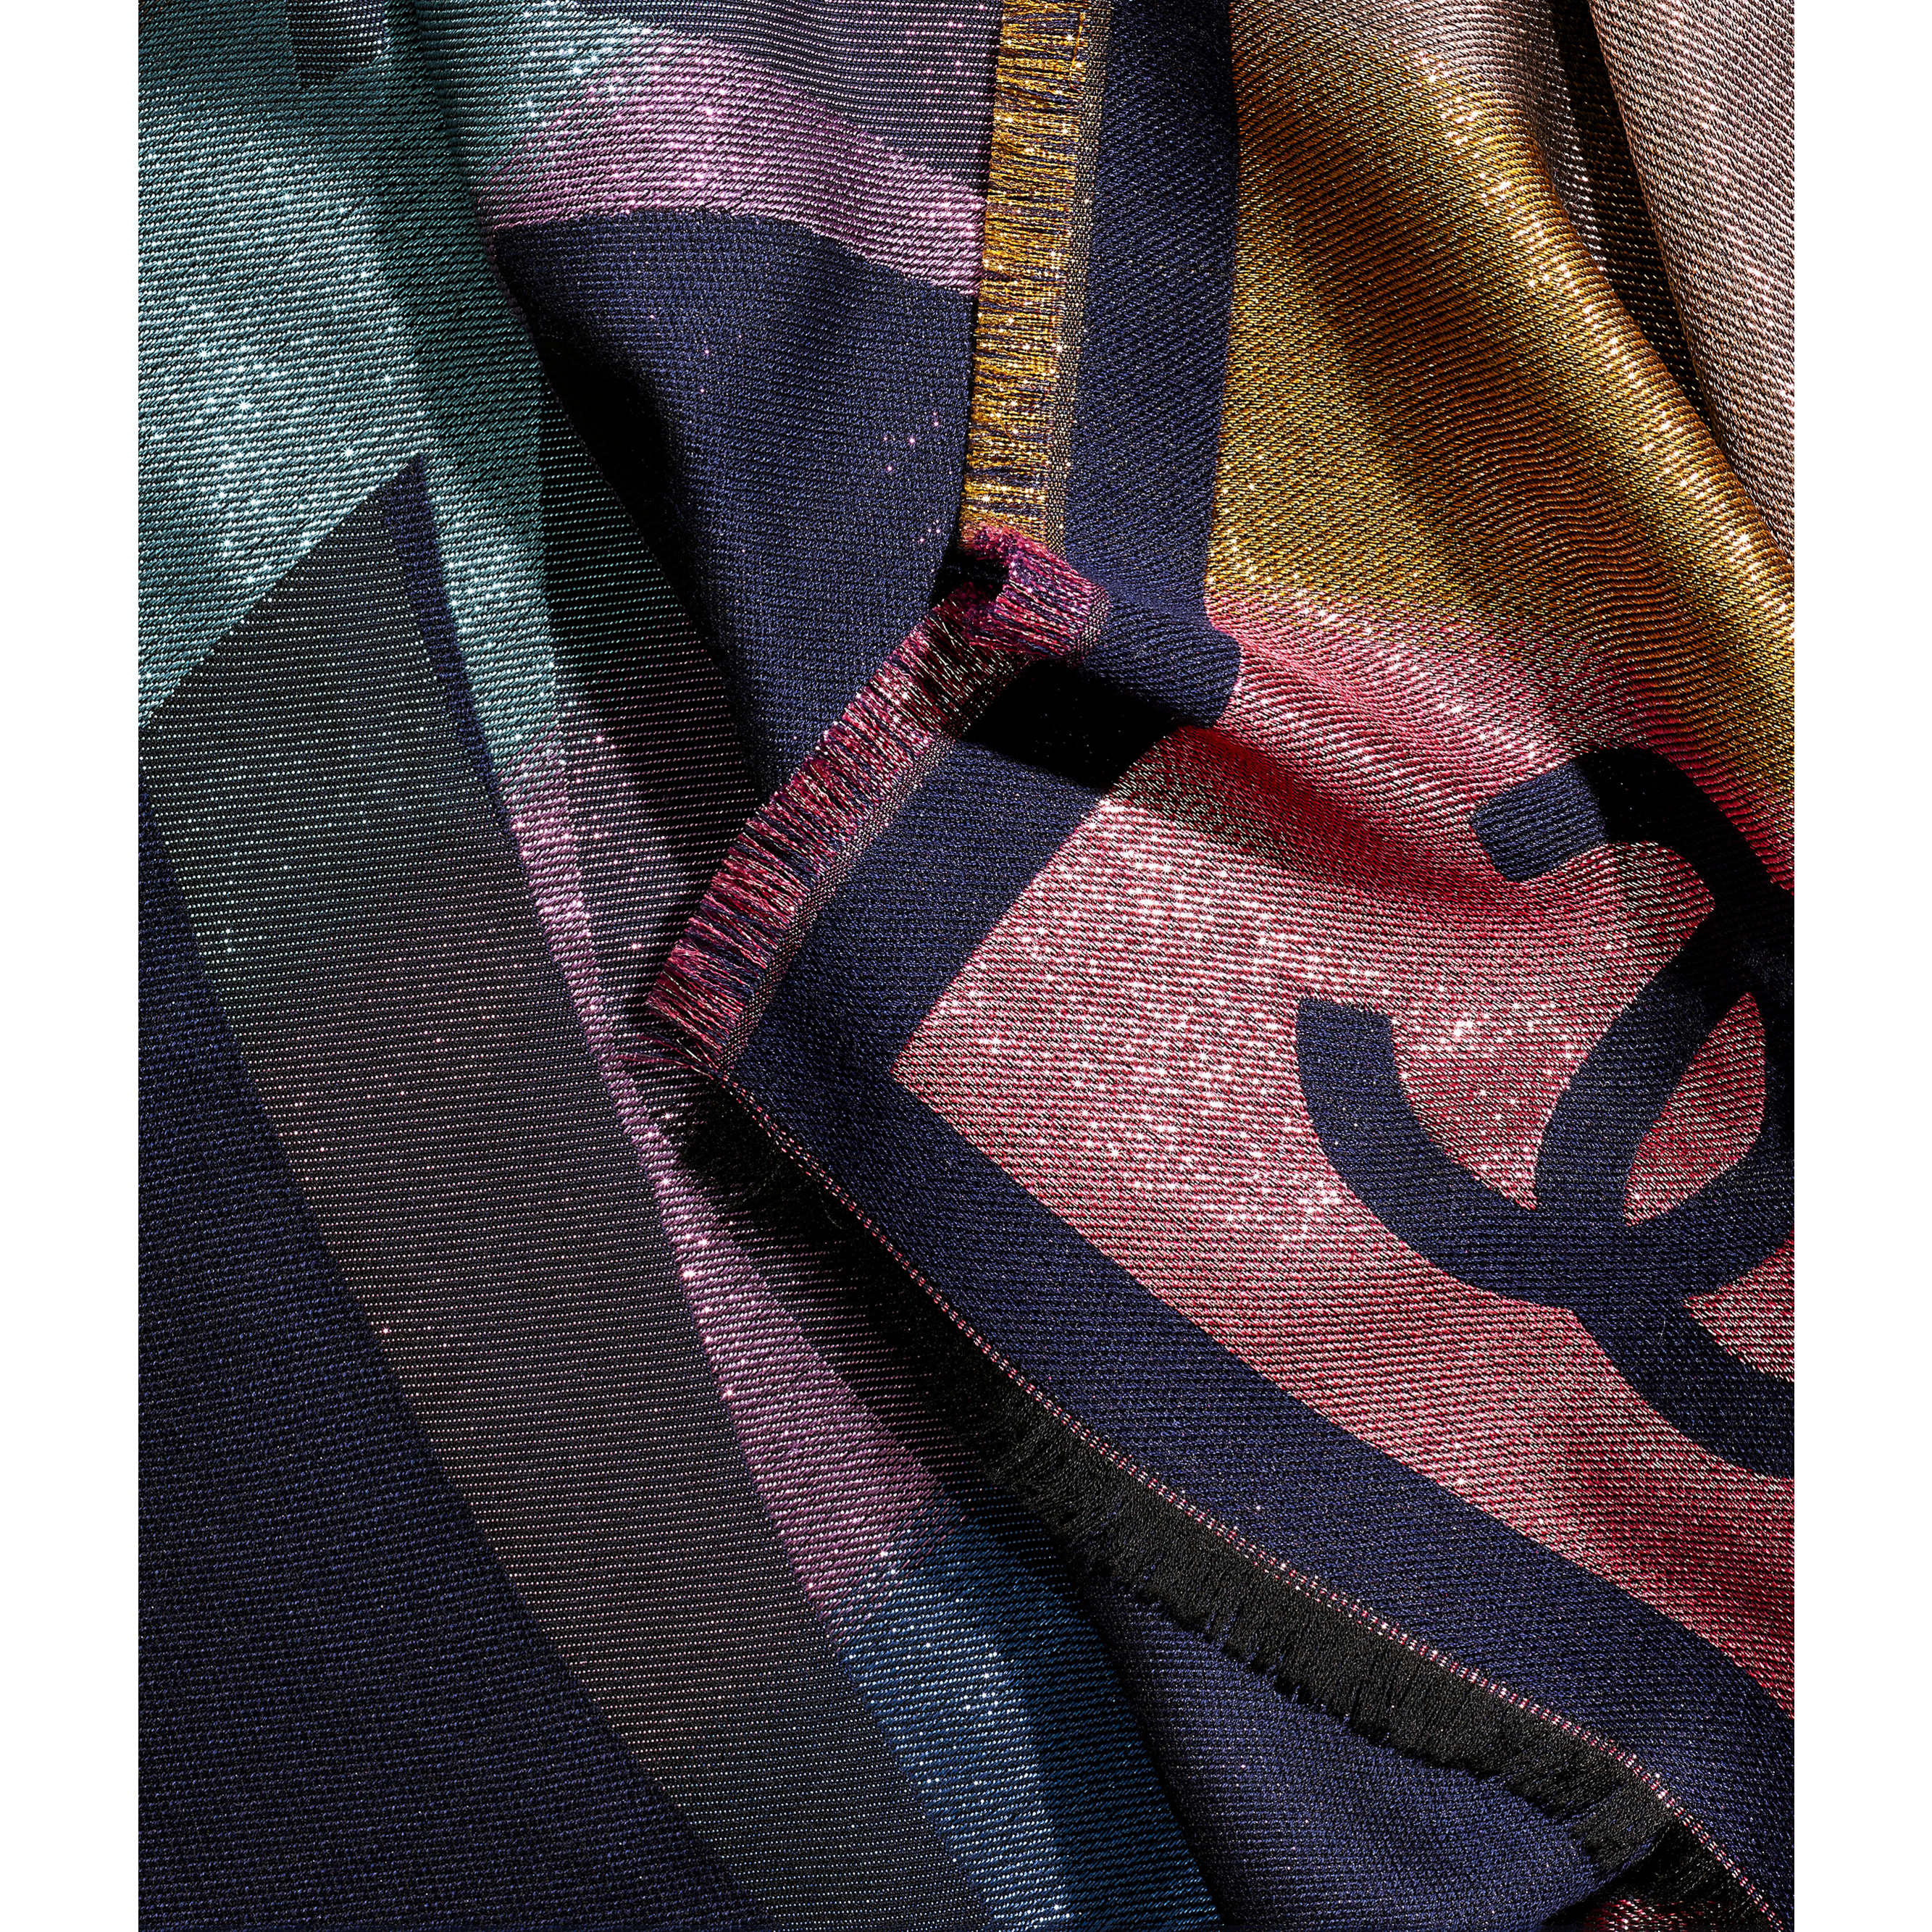 Lenço Quadrado - Navy Blue & Multicolor - Cashmere, Silk & Metallic Fibers - CHANEL - Vista predefinida - ver a versão em tamanho standard